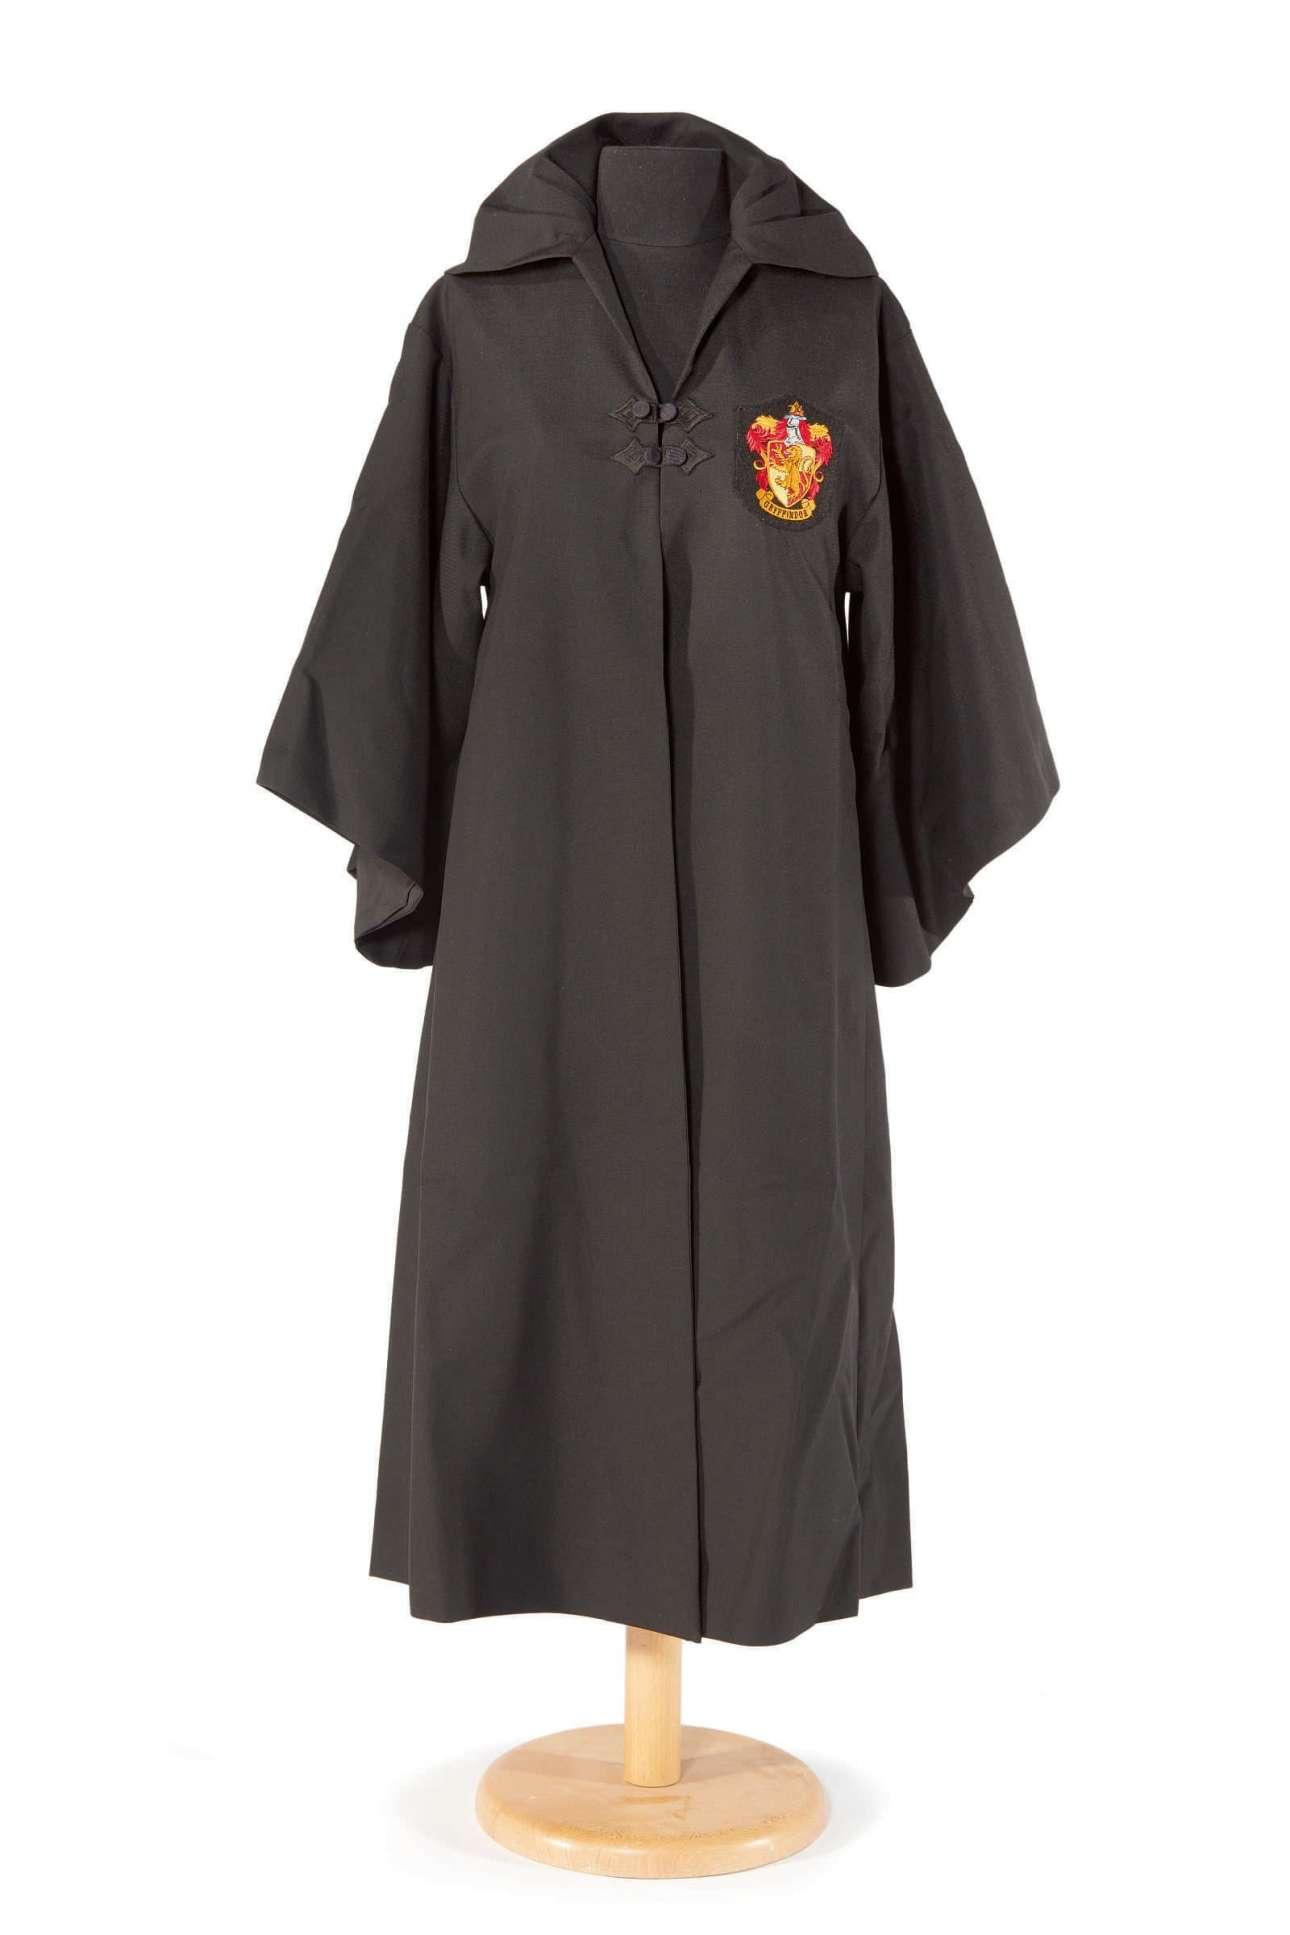 Ρόμπα της Σχολής Χόγκουαρτς με το οικόσημο του Γκρίφιντορ που φορούσε ο Χάρι Πότερ στην ταινία «Ο Χάρι Πότερ και η Φιλοσοφική Λίθος». Ο Ουίλιαμς ήθελε να παίξει τον Χάνγκριντ αλλά σκόνταψε στο βέτο της συγγραφέως Τζ. Κ. Ρόουλινγκ η οποία προτιμούσε να συμμετέχουν μόνο βρετανοί ηθοποιοί.